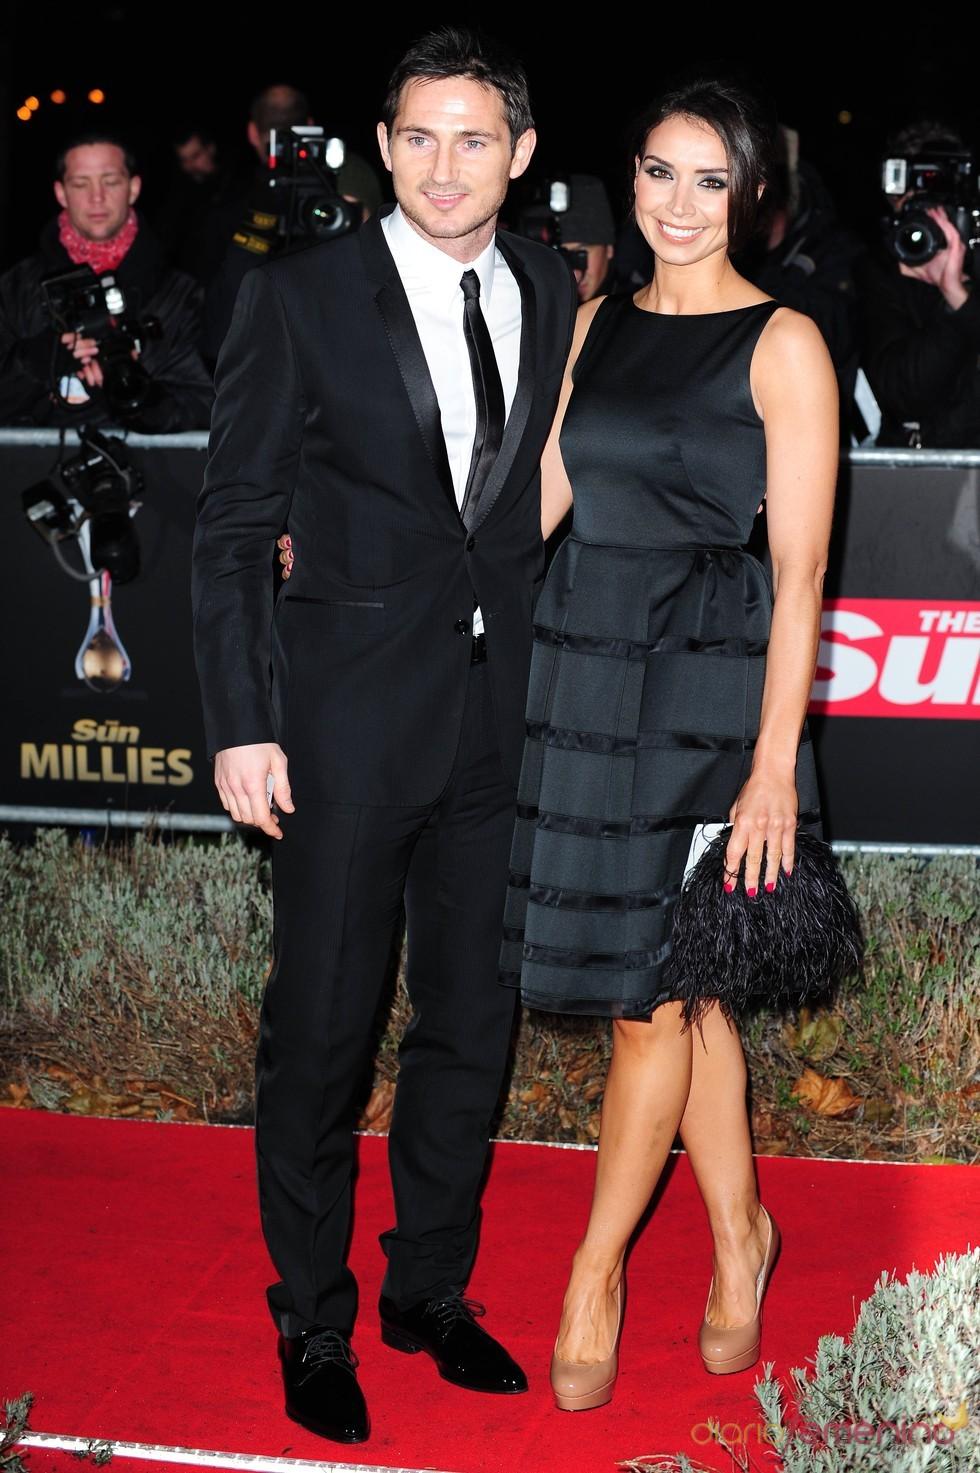 Christine Bleakley y Frank Lampard en los Military Adwards 2010